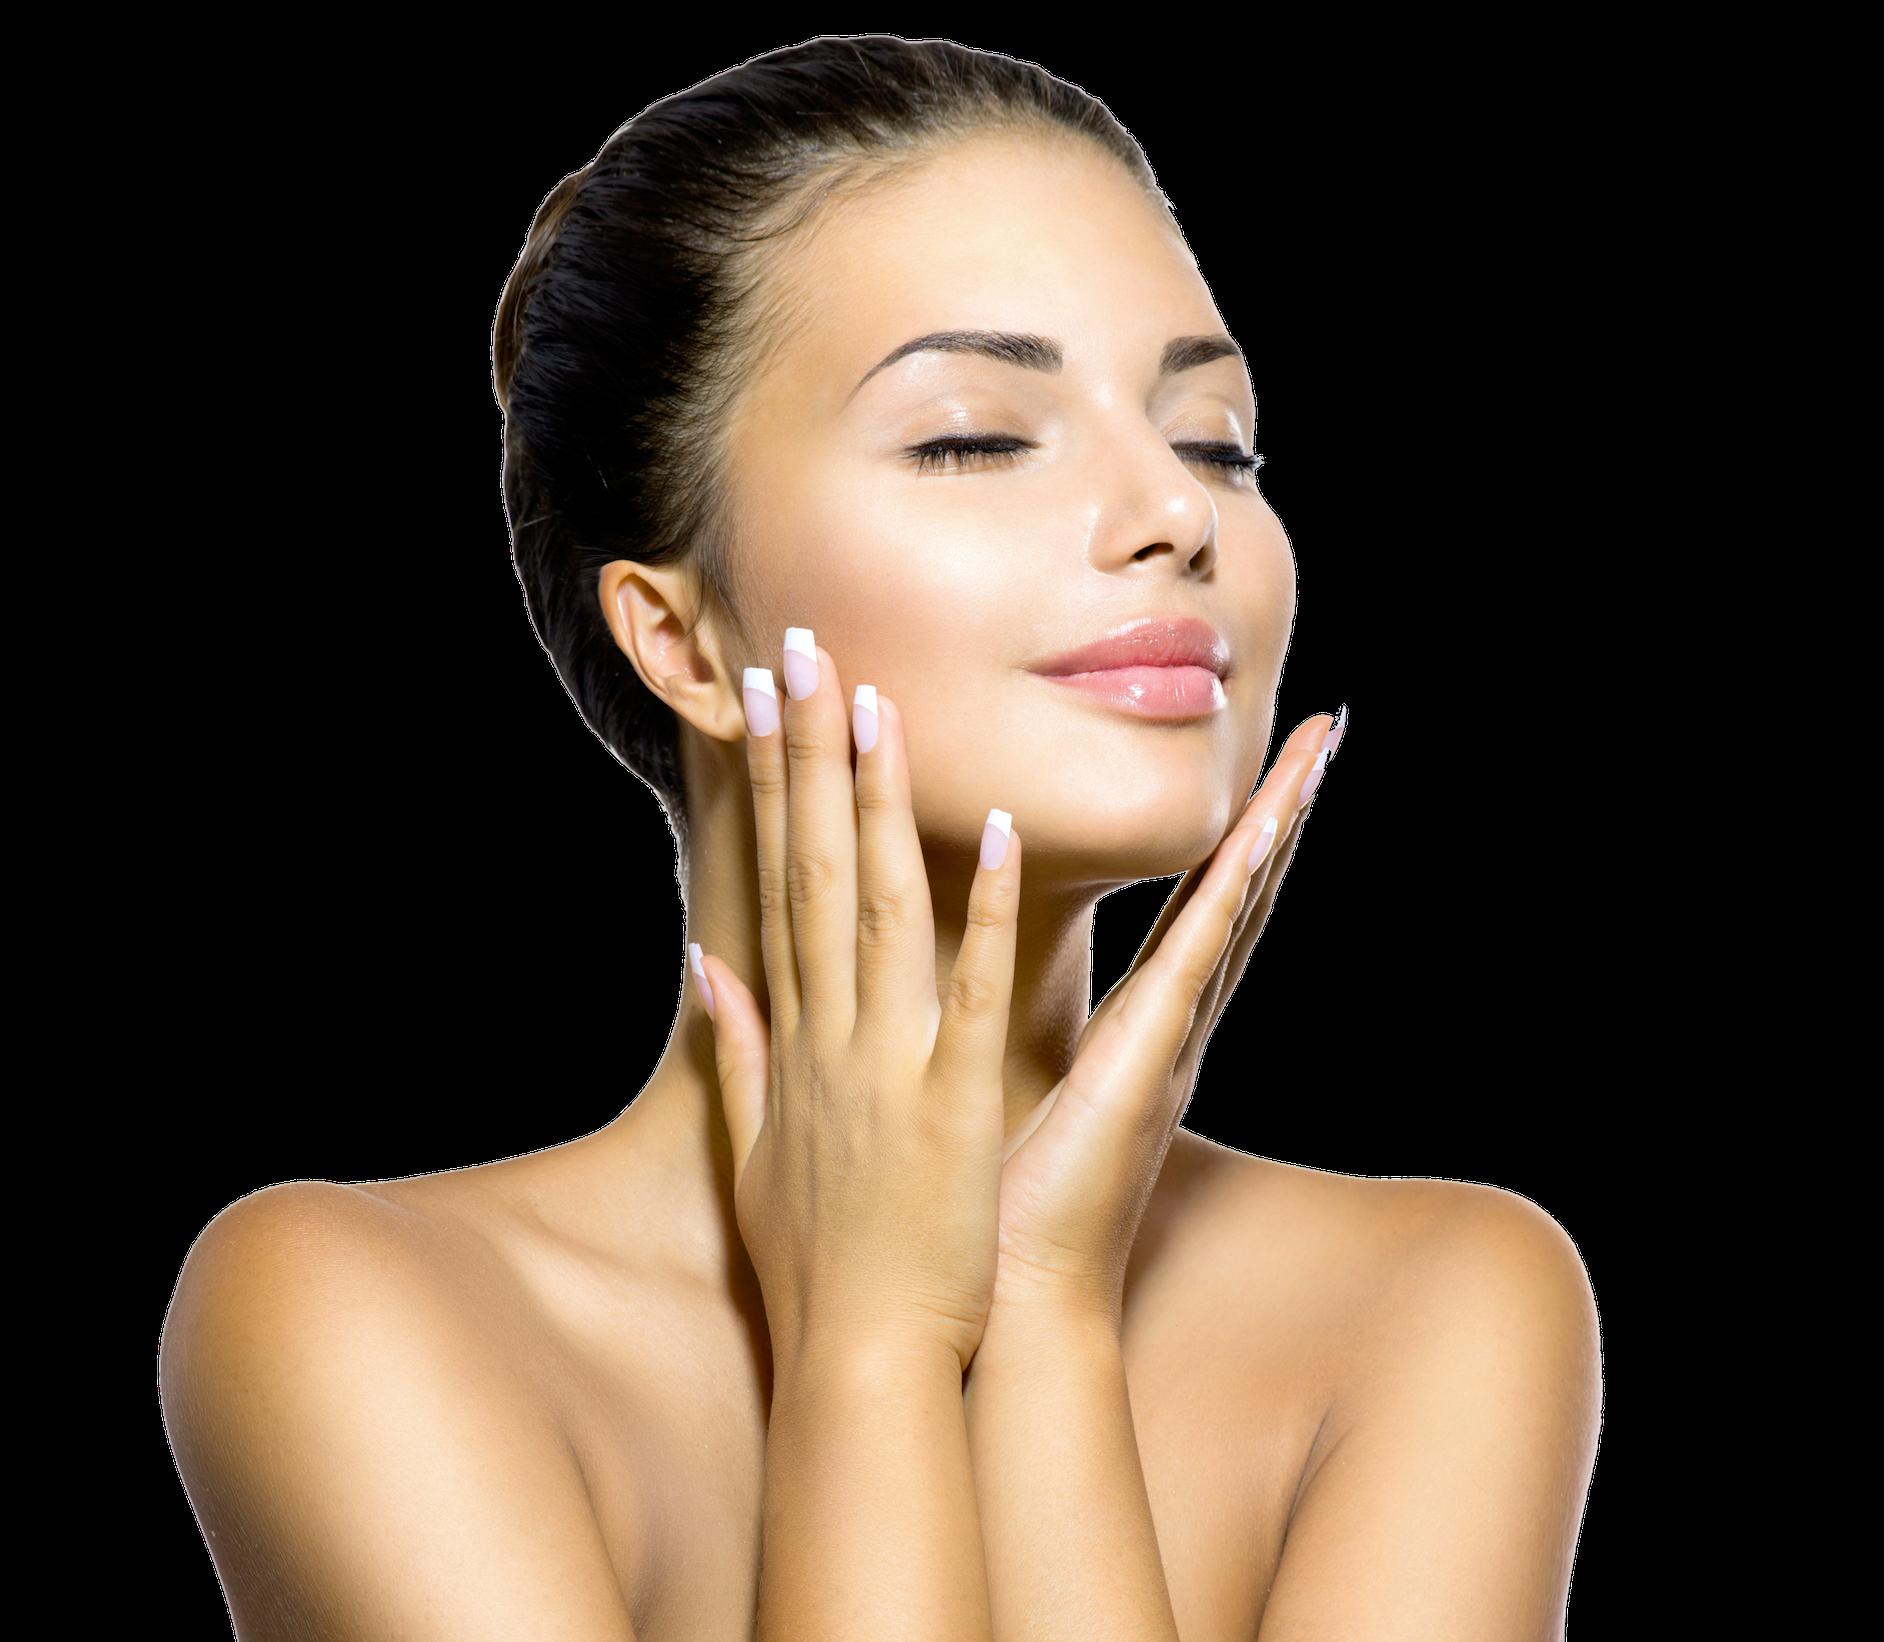 Radiofrequenza viso, ringiovanmento viso, centro di medicina estetica cosenza